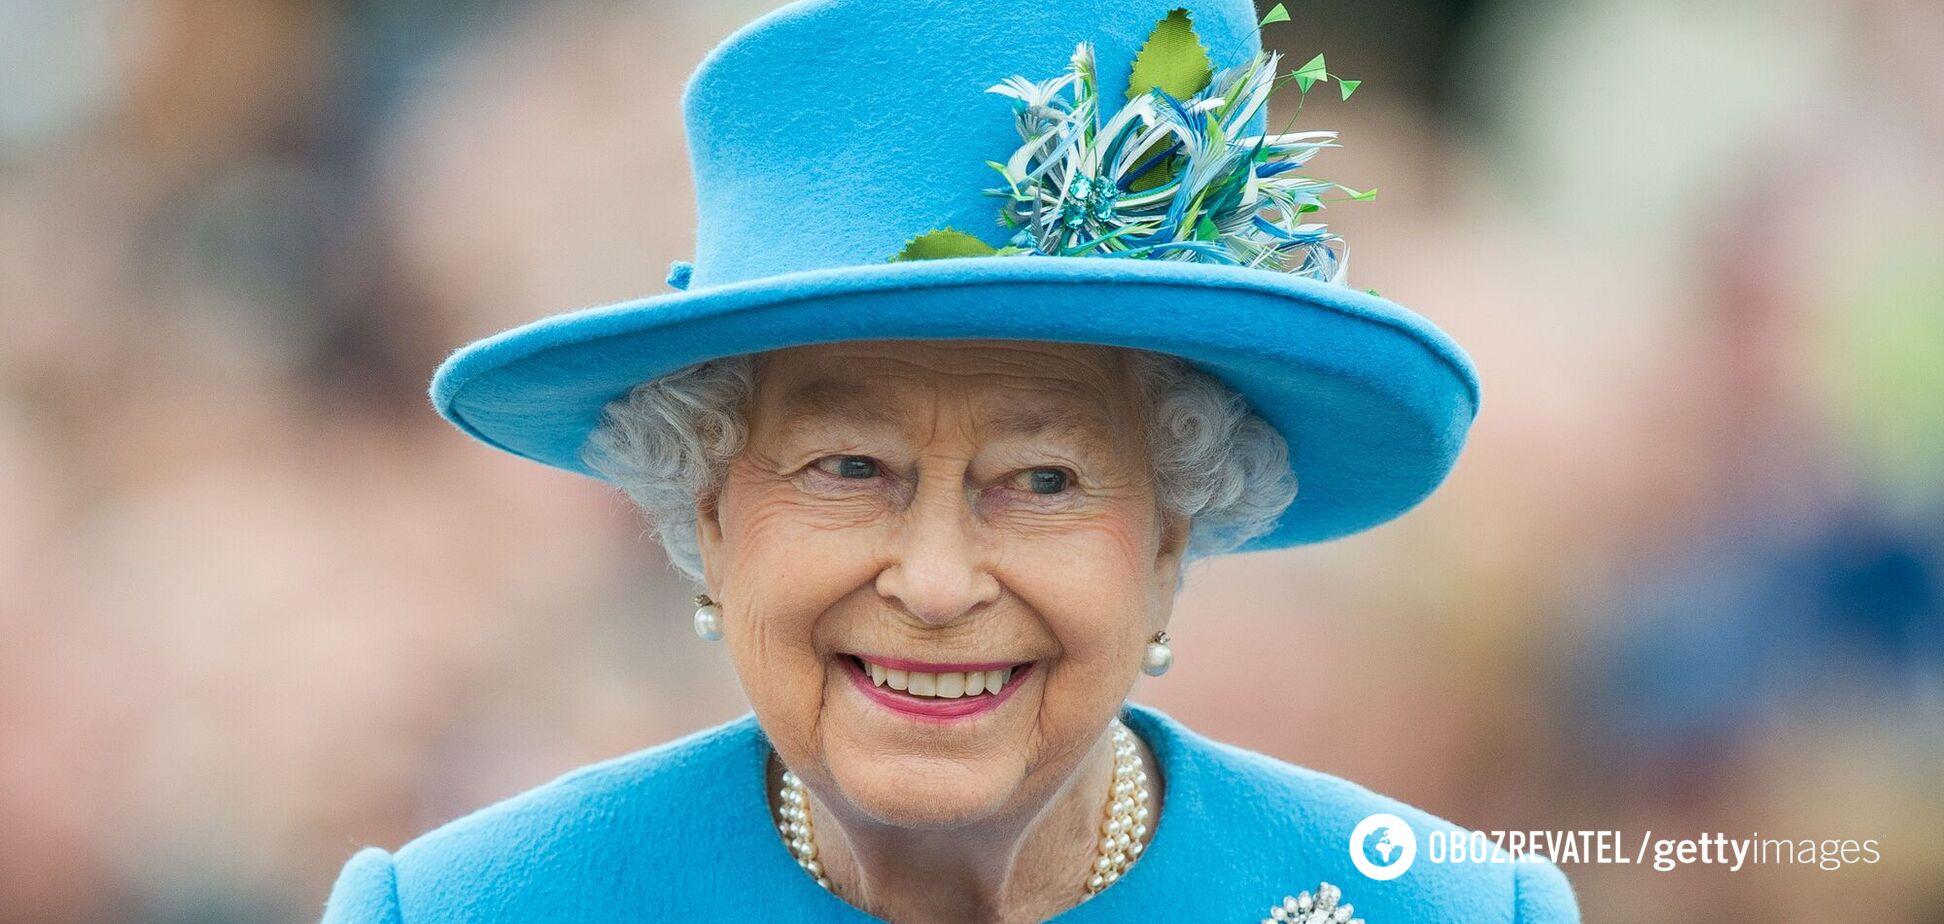 Єлизавета II відвідала меморіал Військово-повітряних сил в Раннімеде